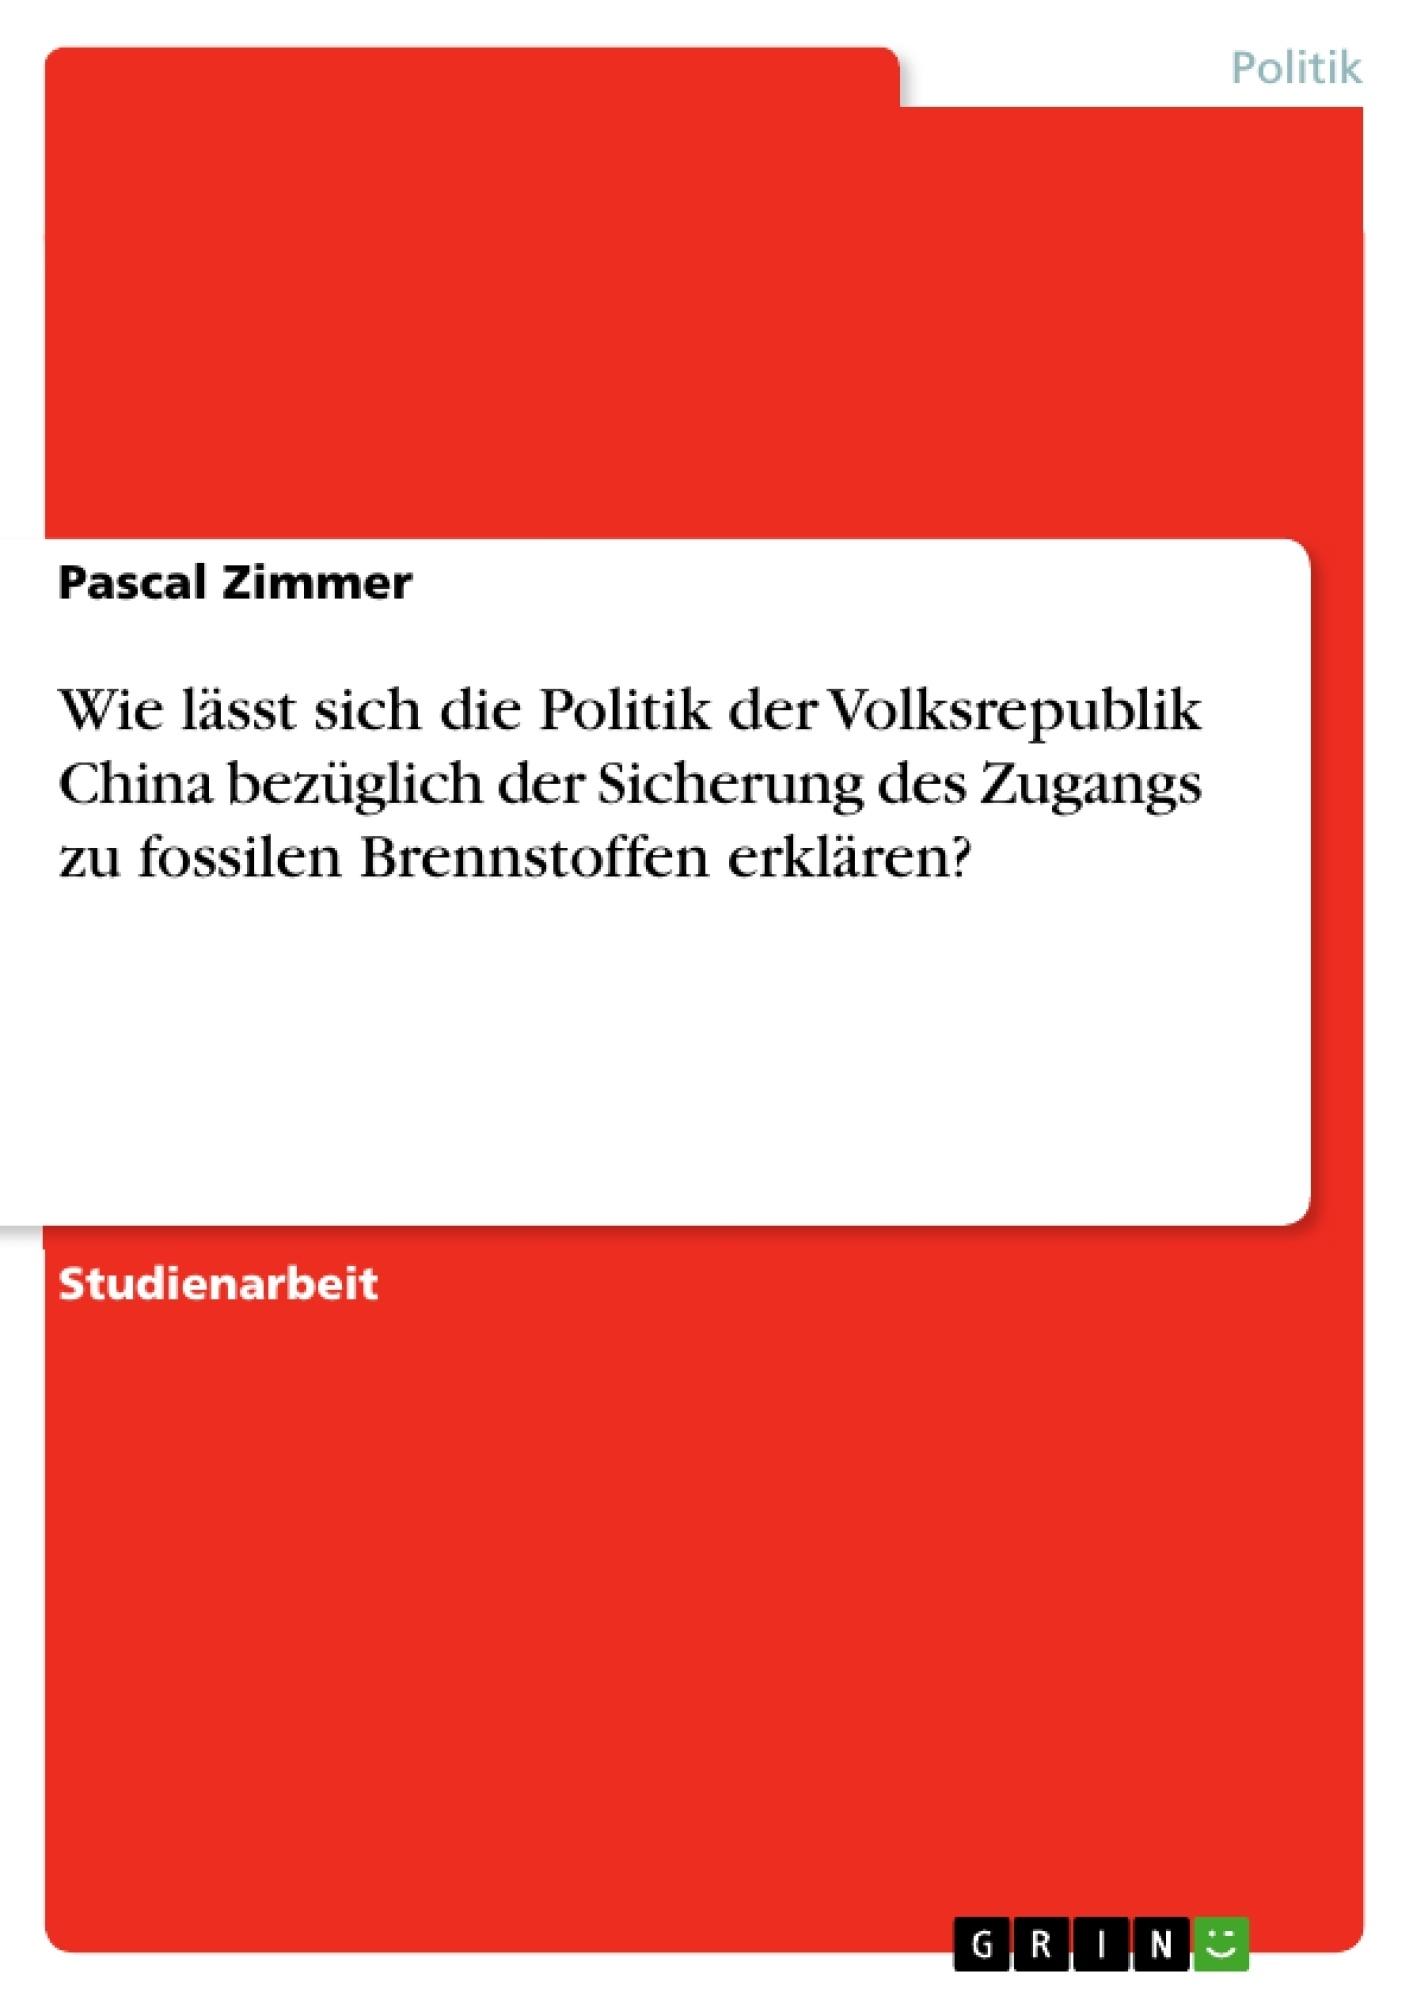 Titel: Wie lässt sich die Politik der Volksrepublik China bezüglich der Sicherung des Zugangs zu fossilen Brennstoffen erklären?